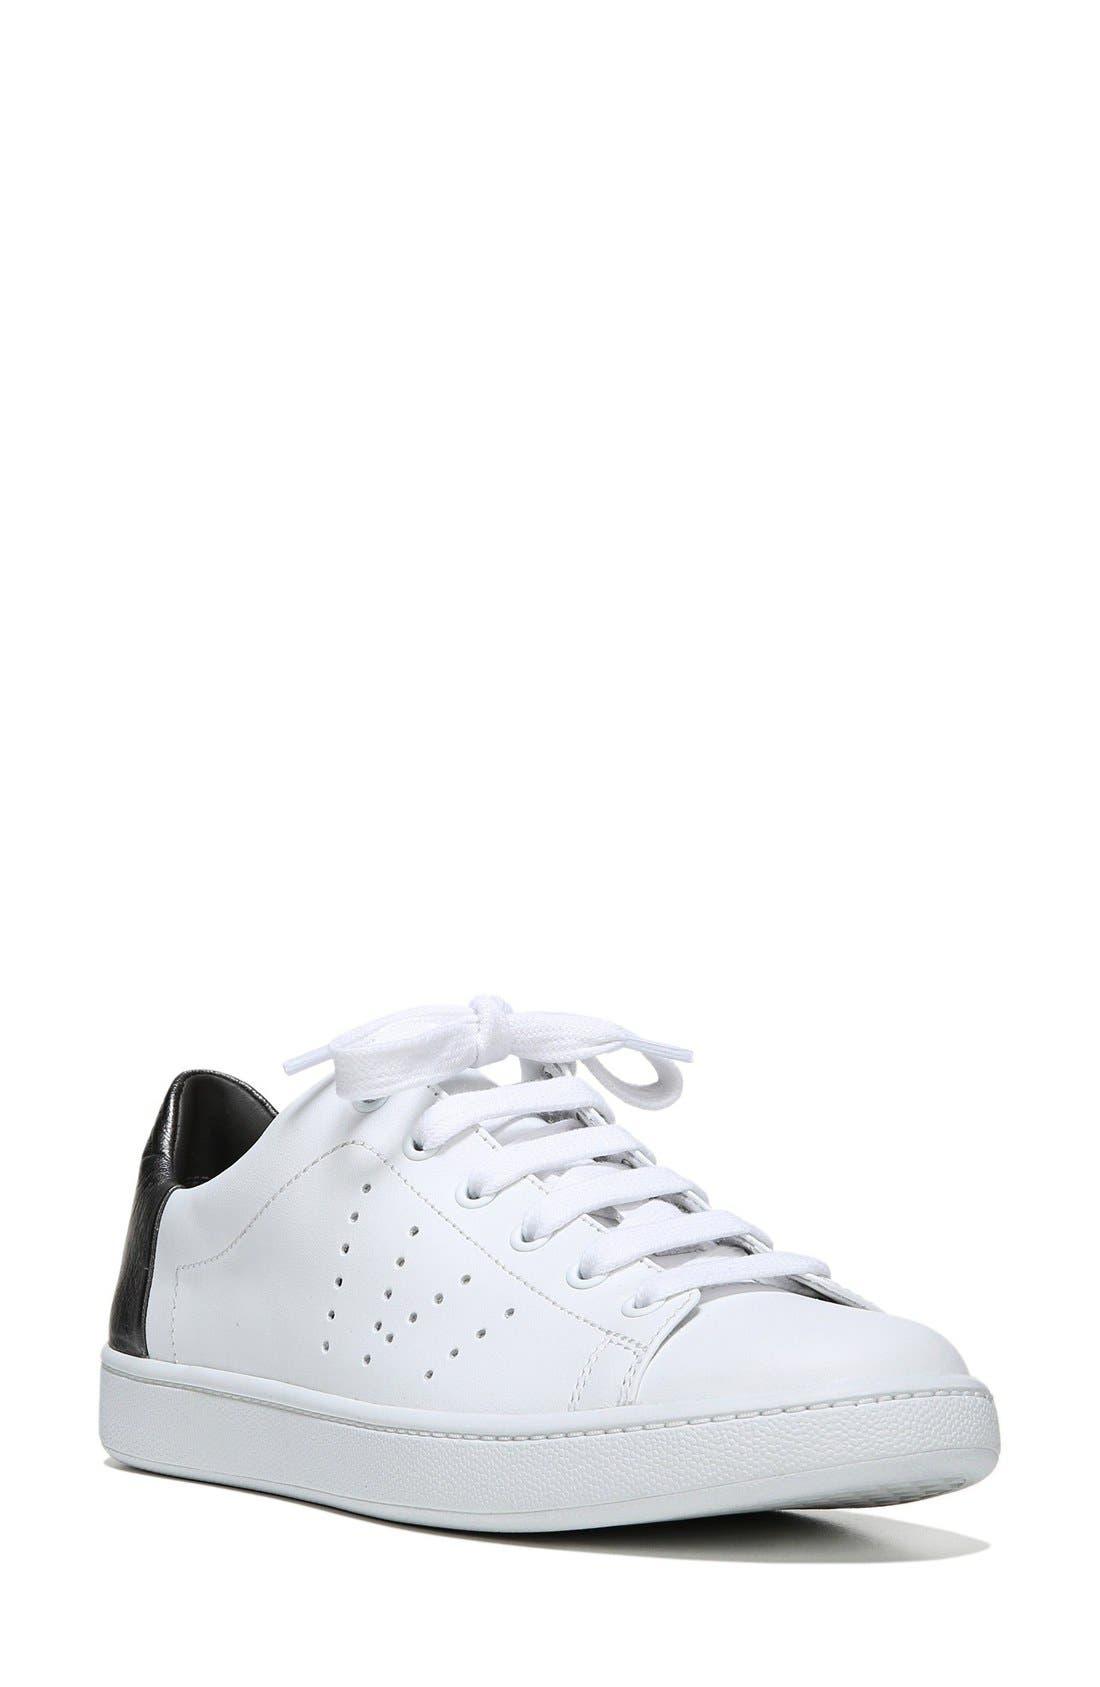 Alternate Image 1 Selected - Vince 'Varin' Sneaker (Women)